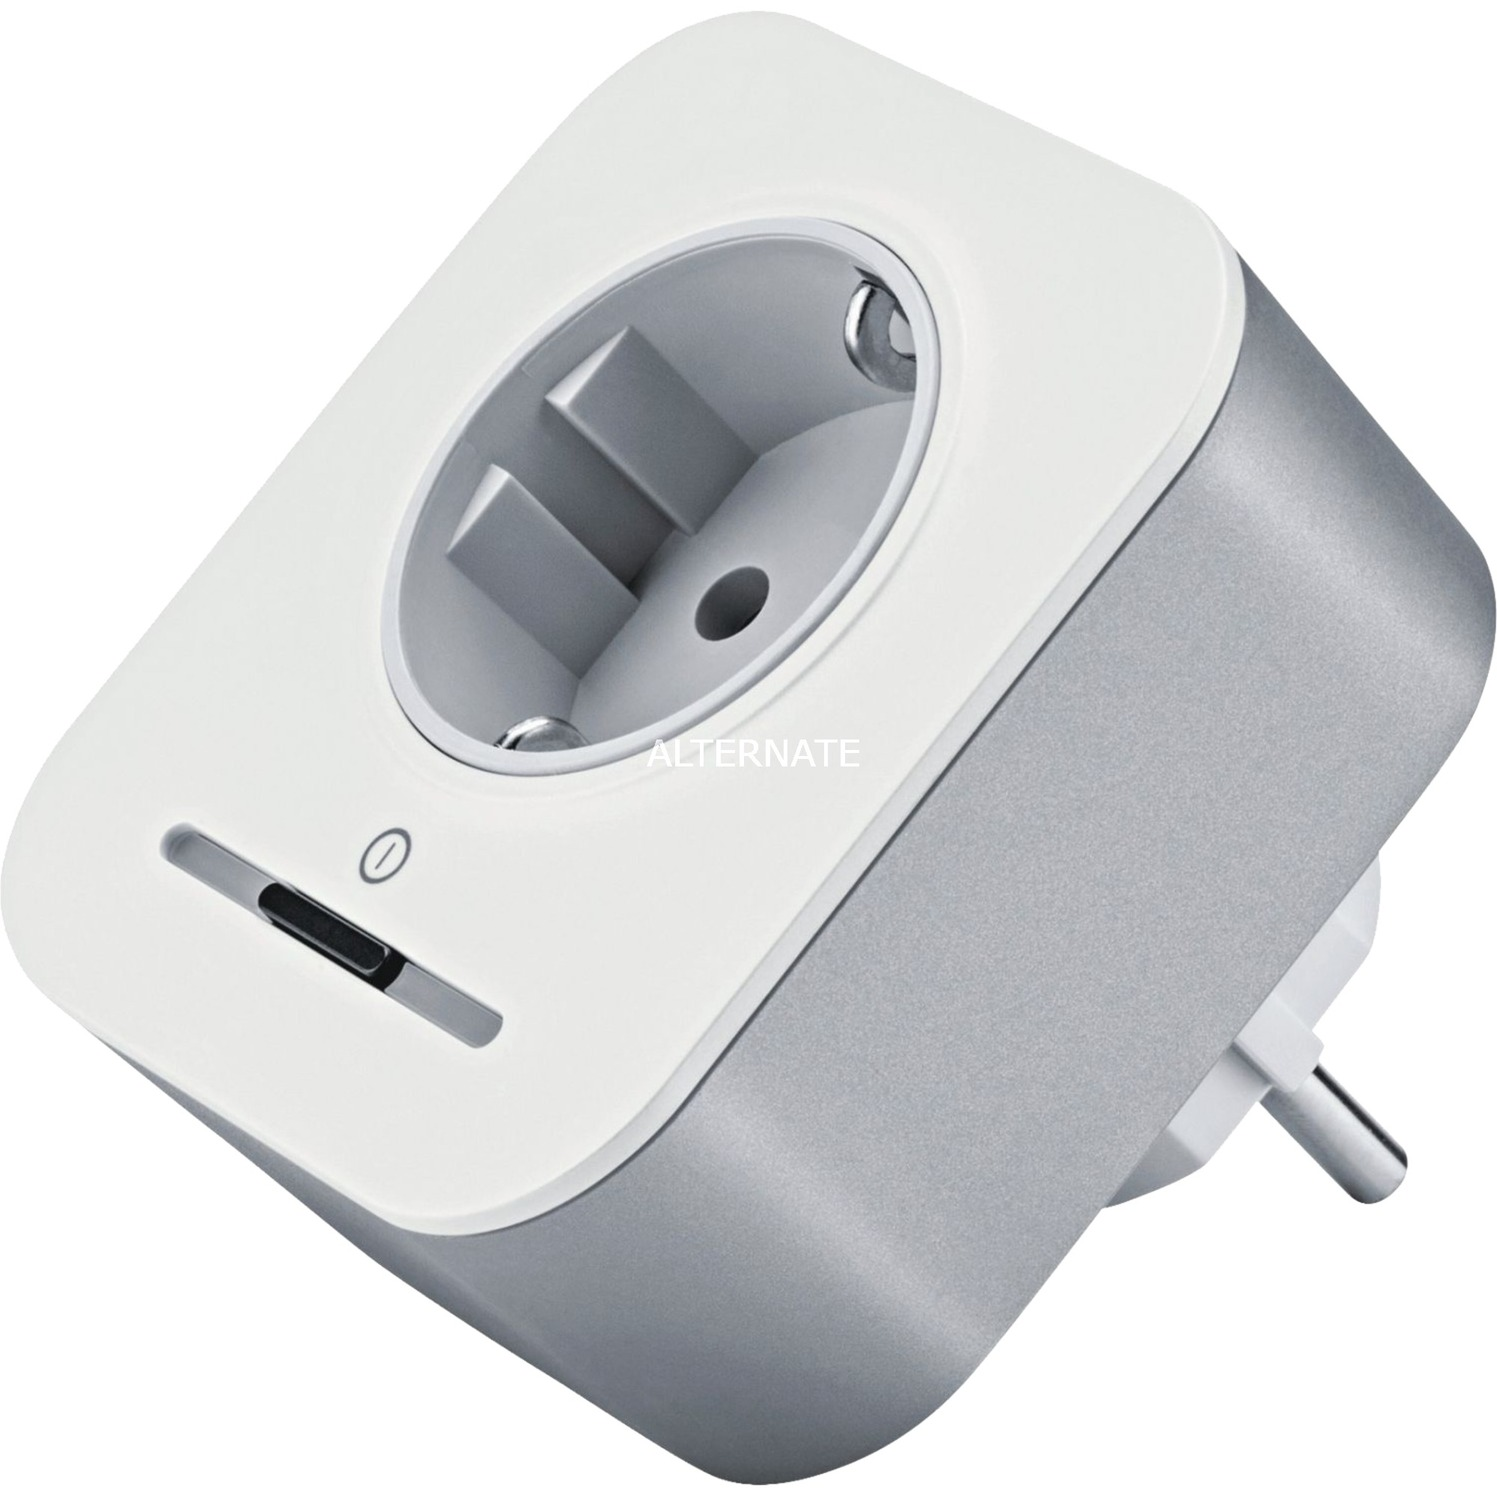 8-750-000-004 Inalámbrico Montado en pared RF inalámbrico transmisore smart home, Enchufe